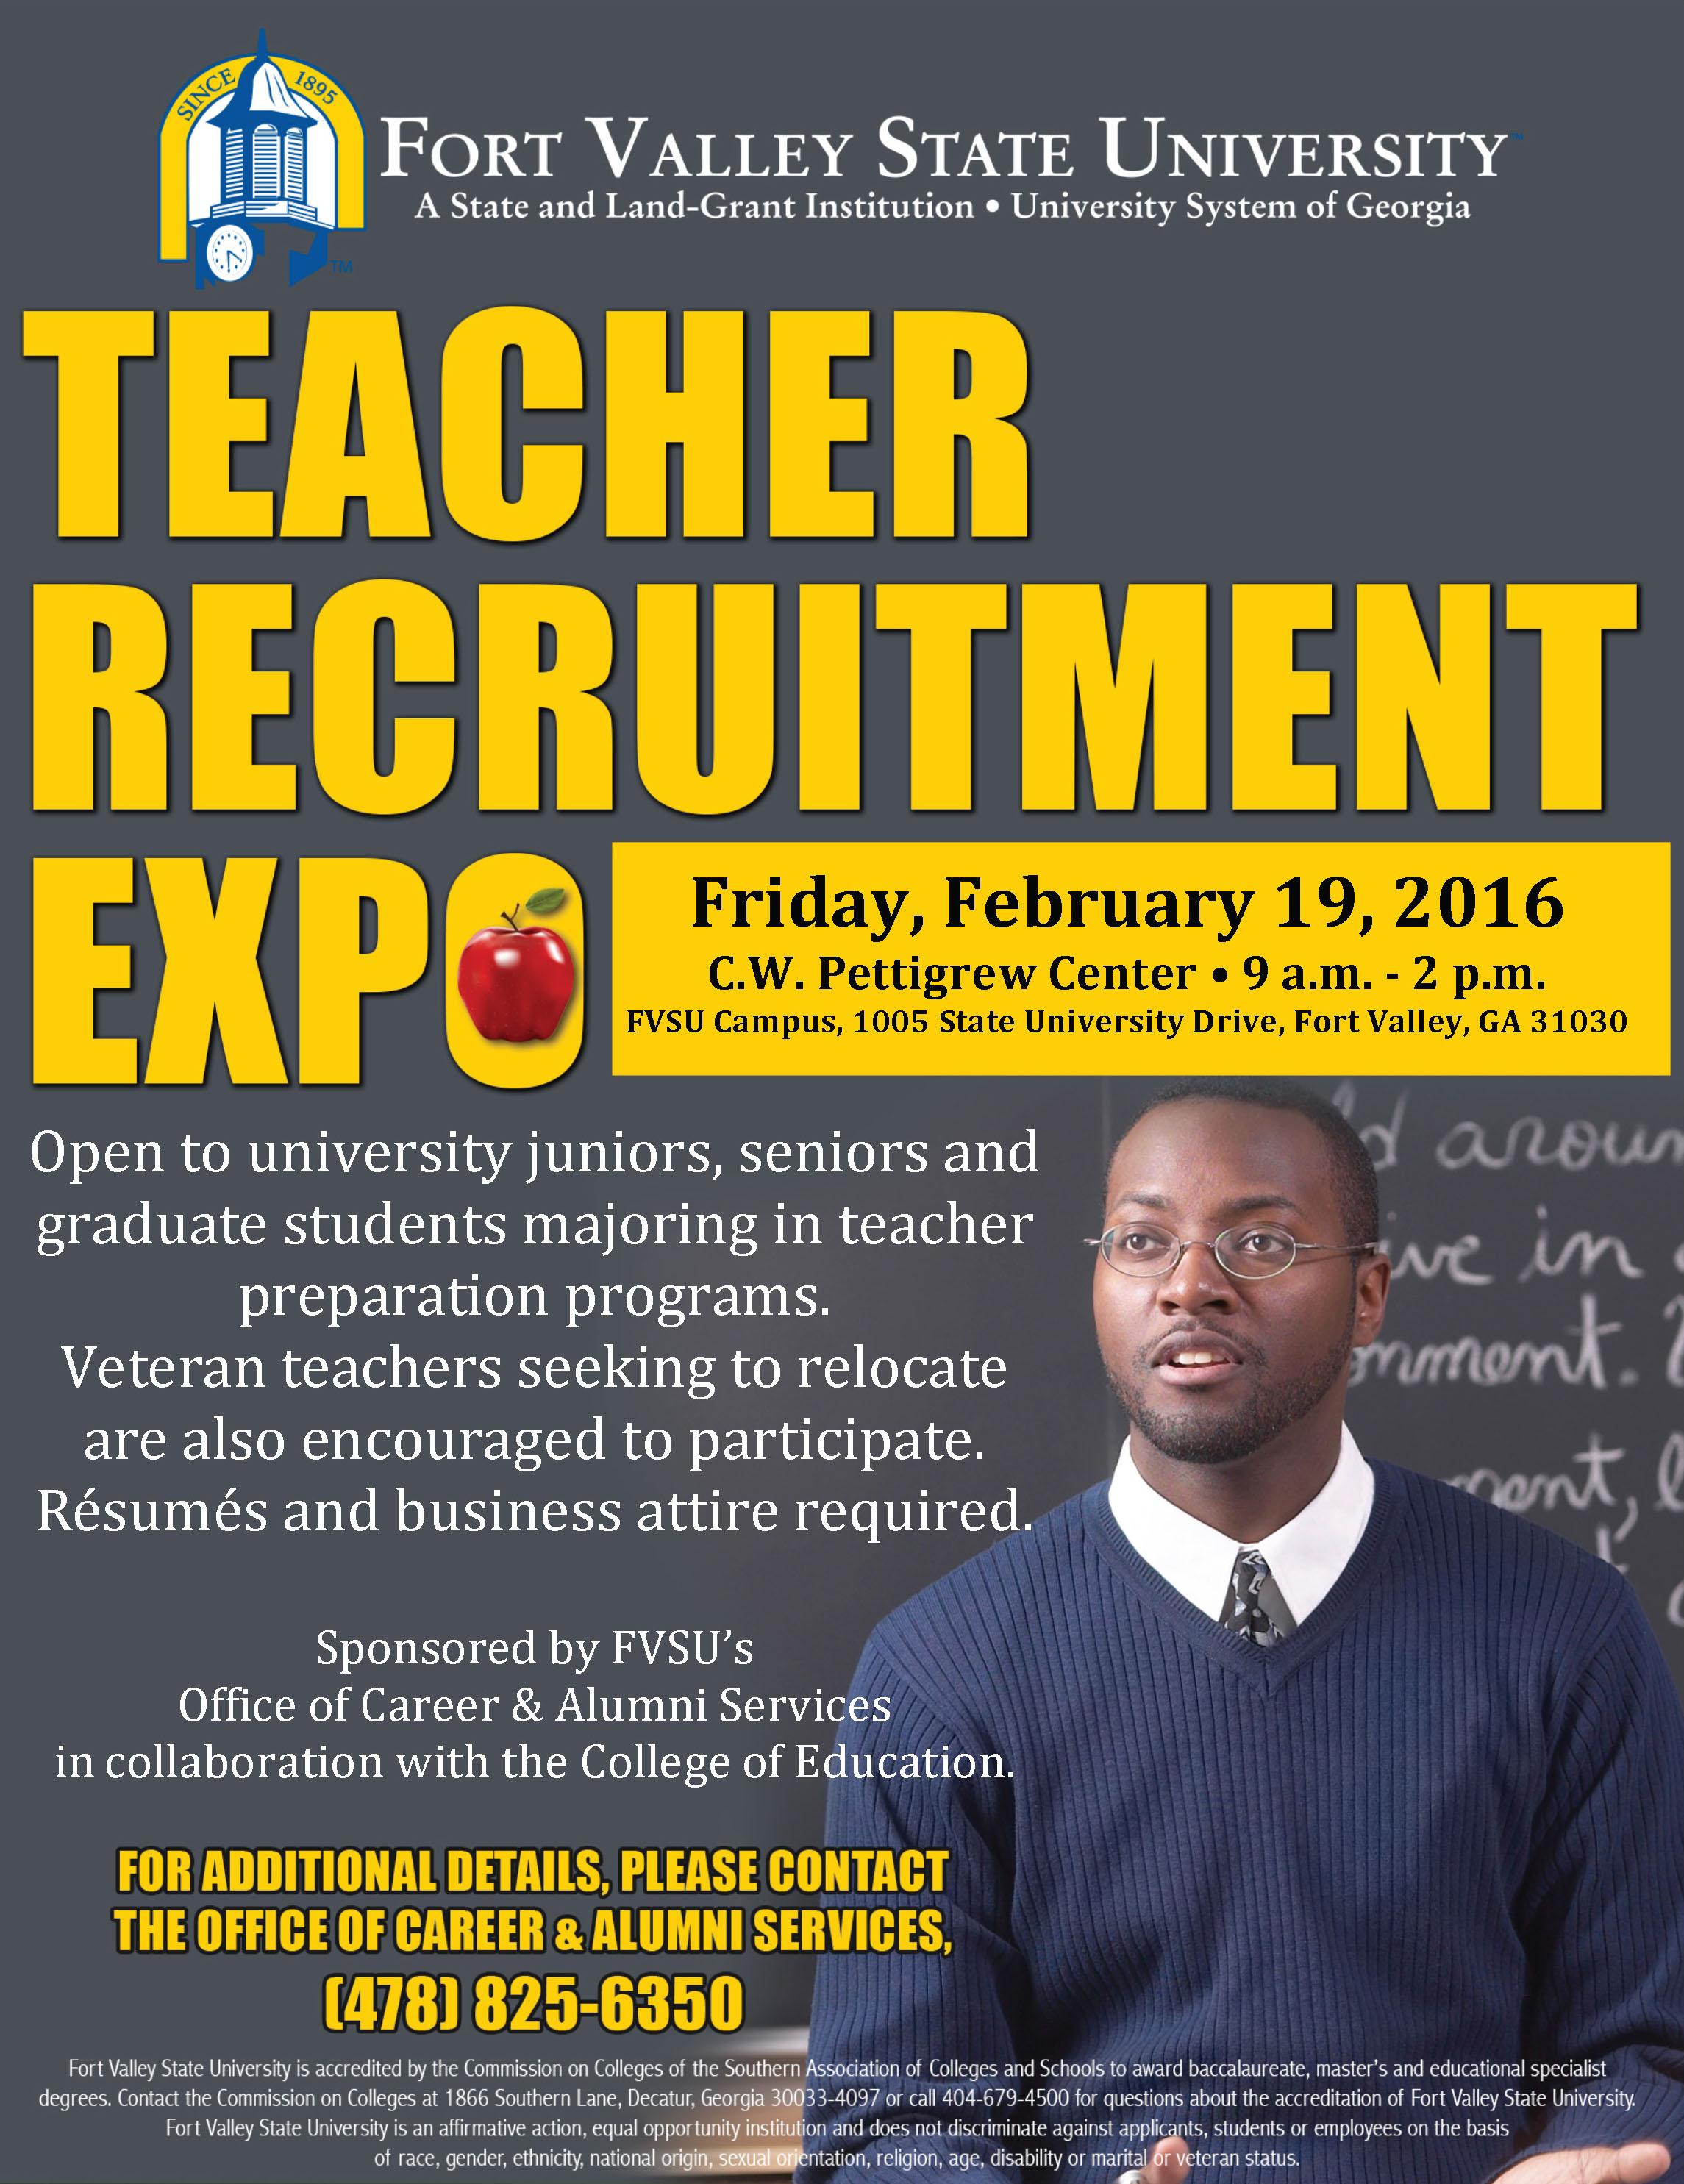 Teacher Recruitment 2016 flyer